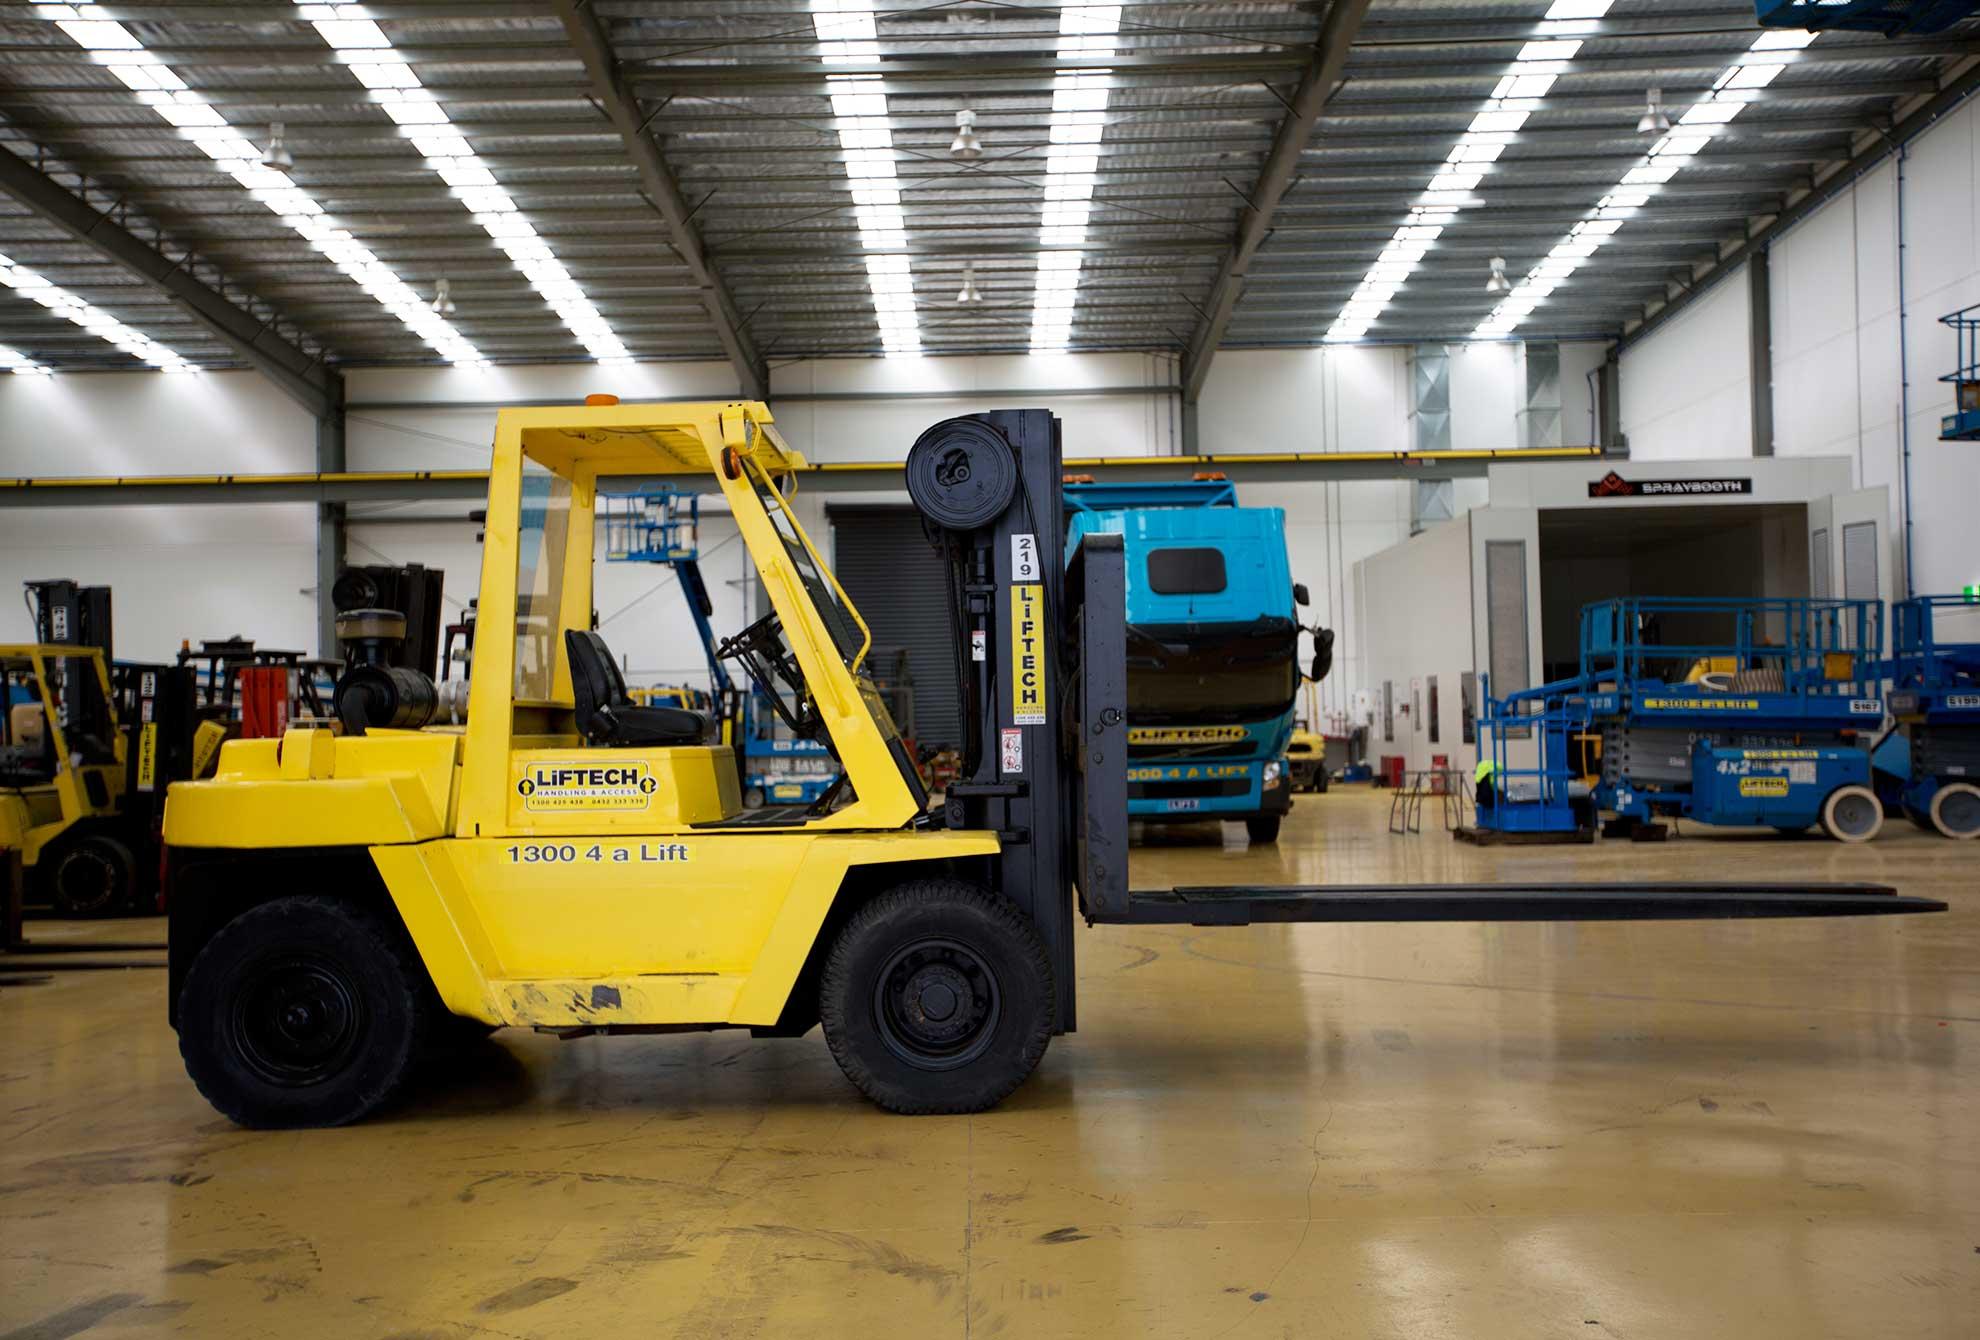 6 Tonne Yard Forklift